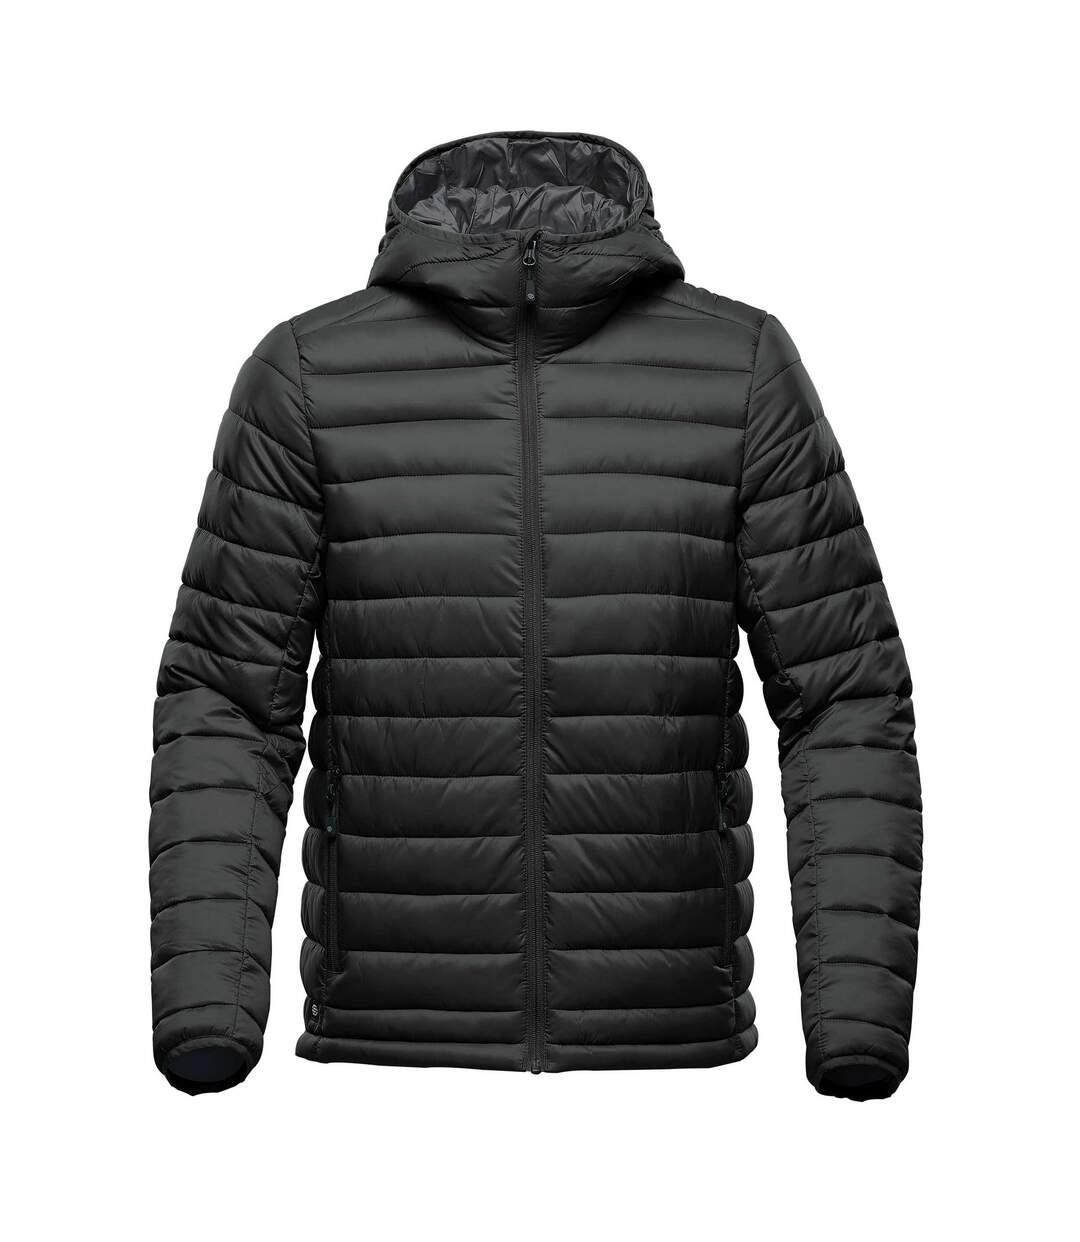 Stormtech Mens Stavanger Thermal Shell Jacket (Black) - UTRW7348